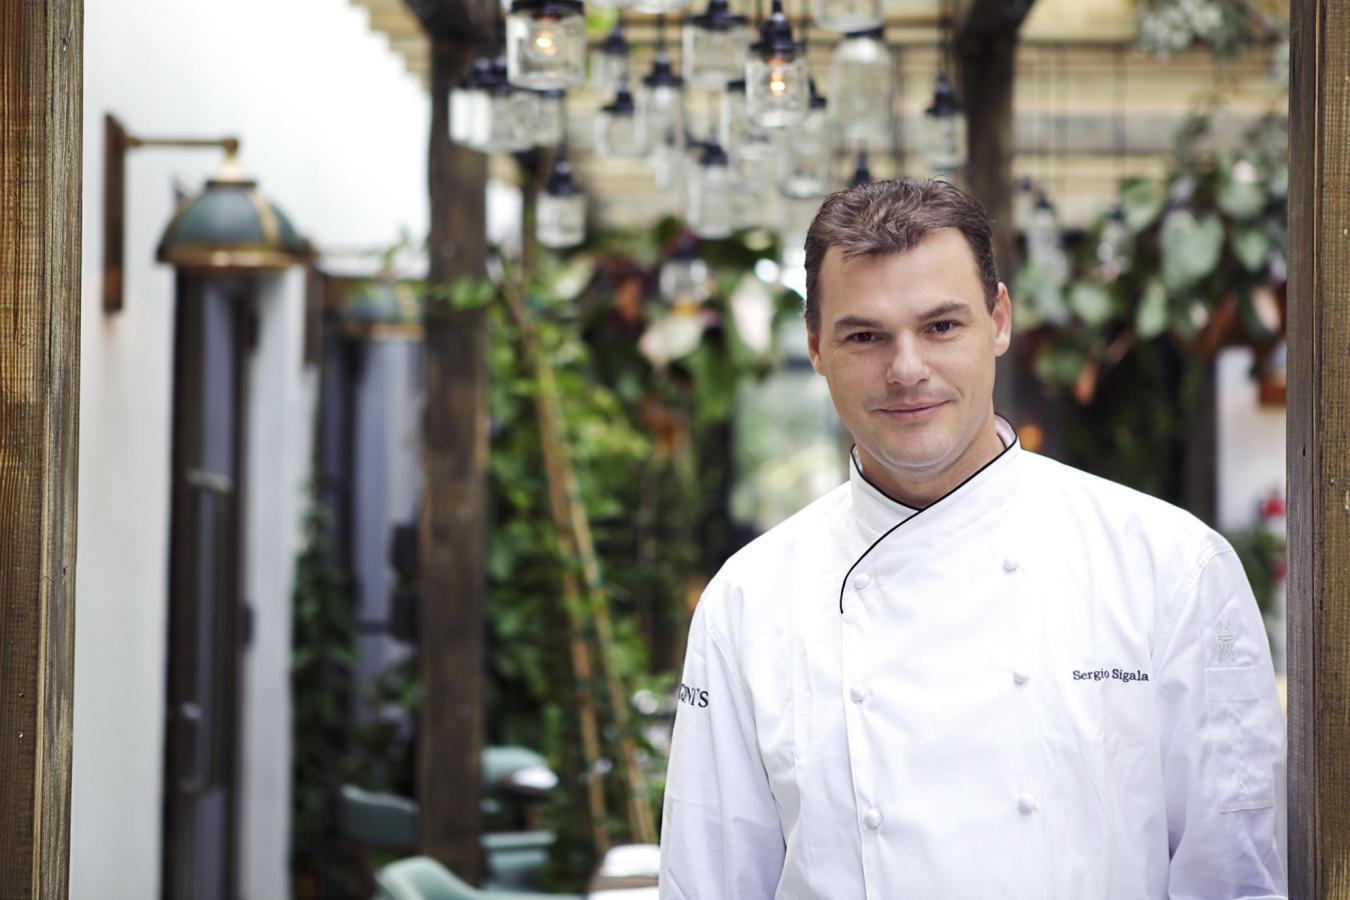 Cecconi's Chef Sergio Sigala